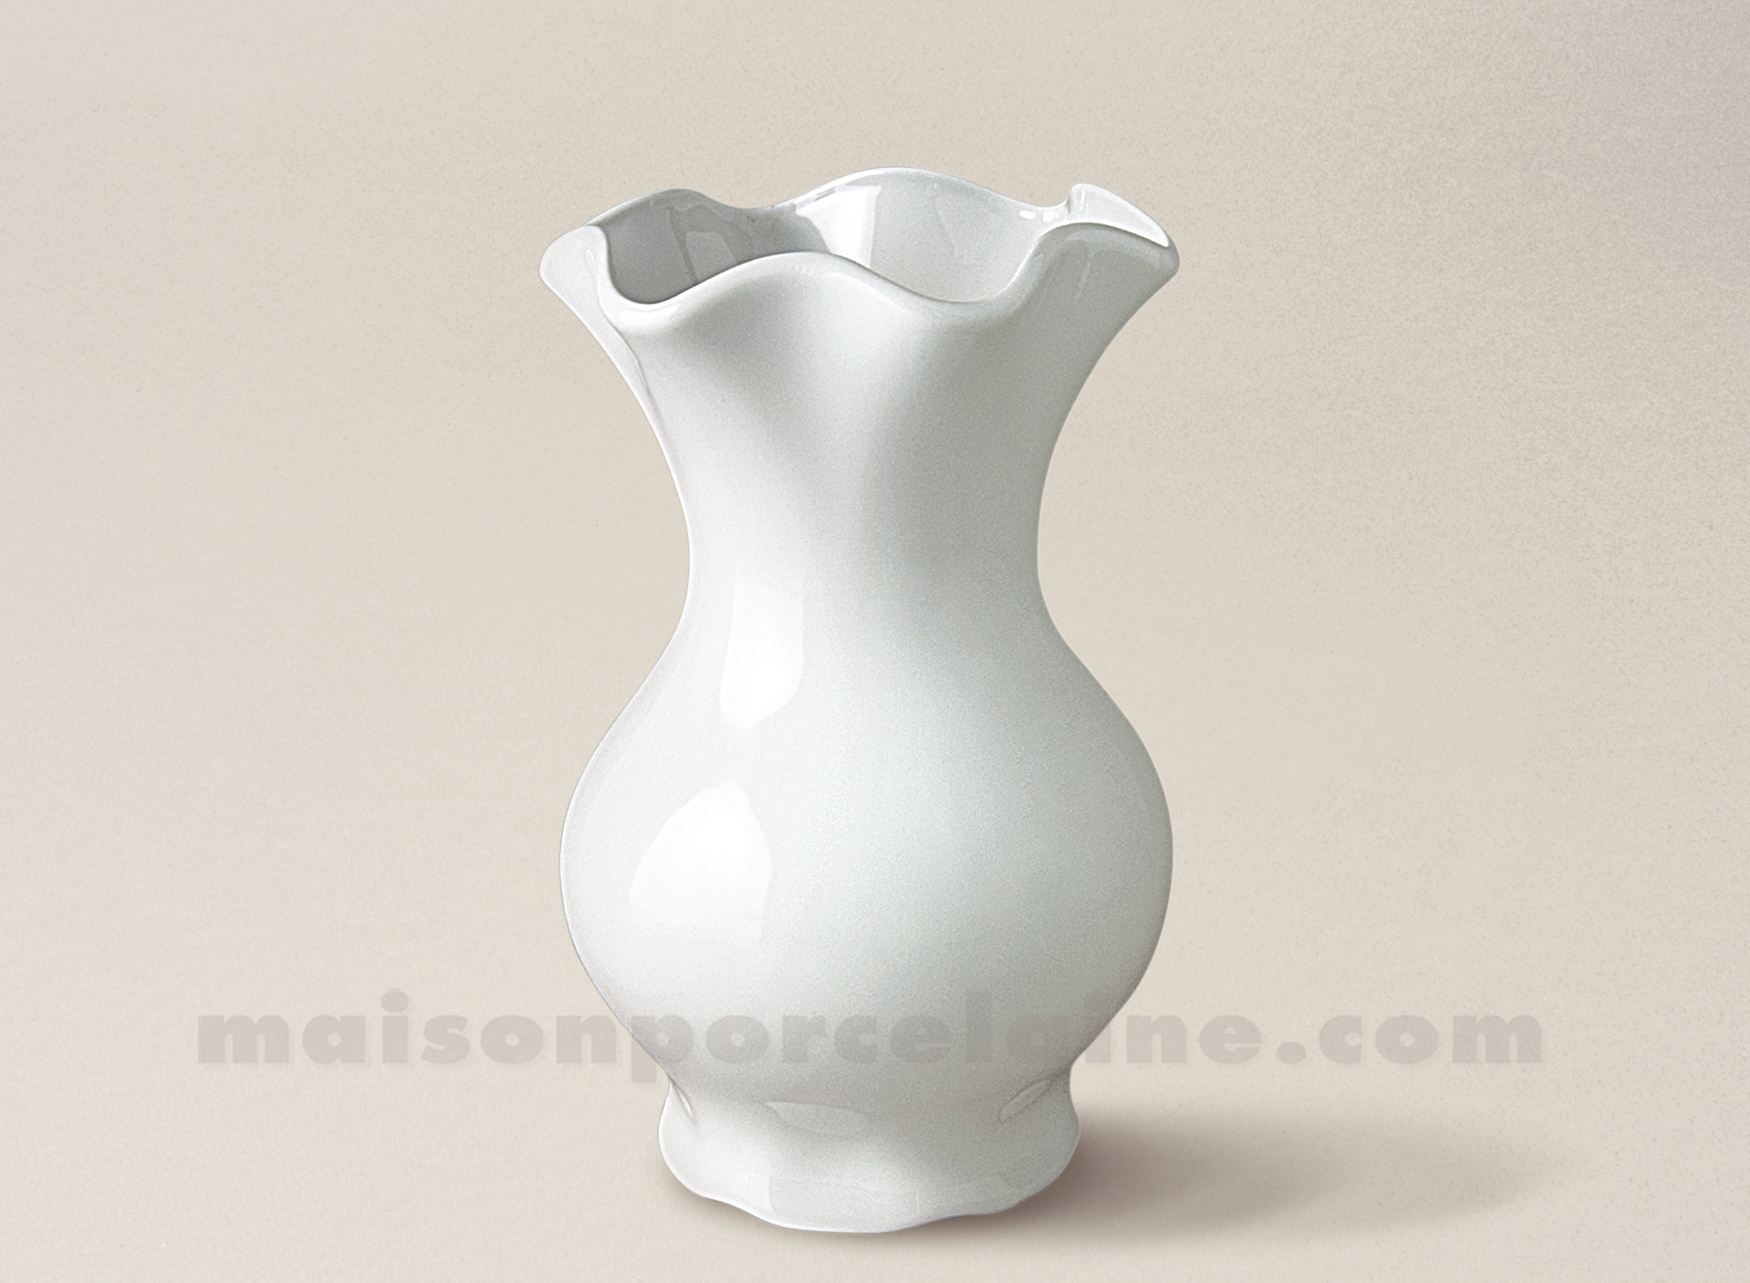 Maison De La Porcelaine Blanche #10: VASE LIMOGES PORCELAINE BLANCHE ROMAIN FESTON MM 24X15